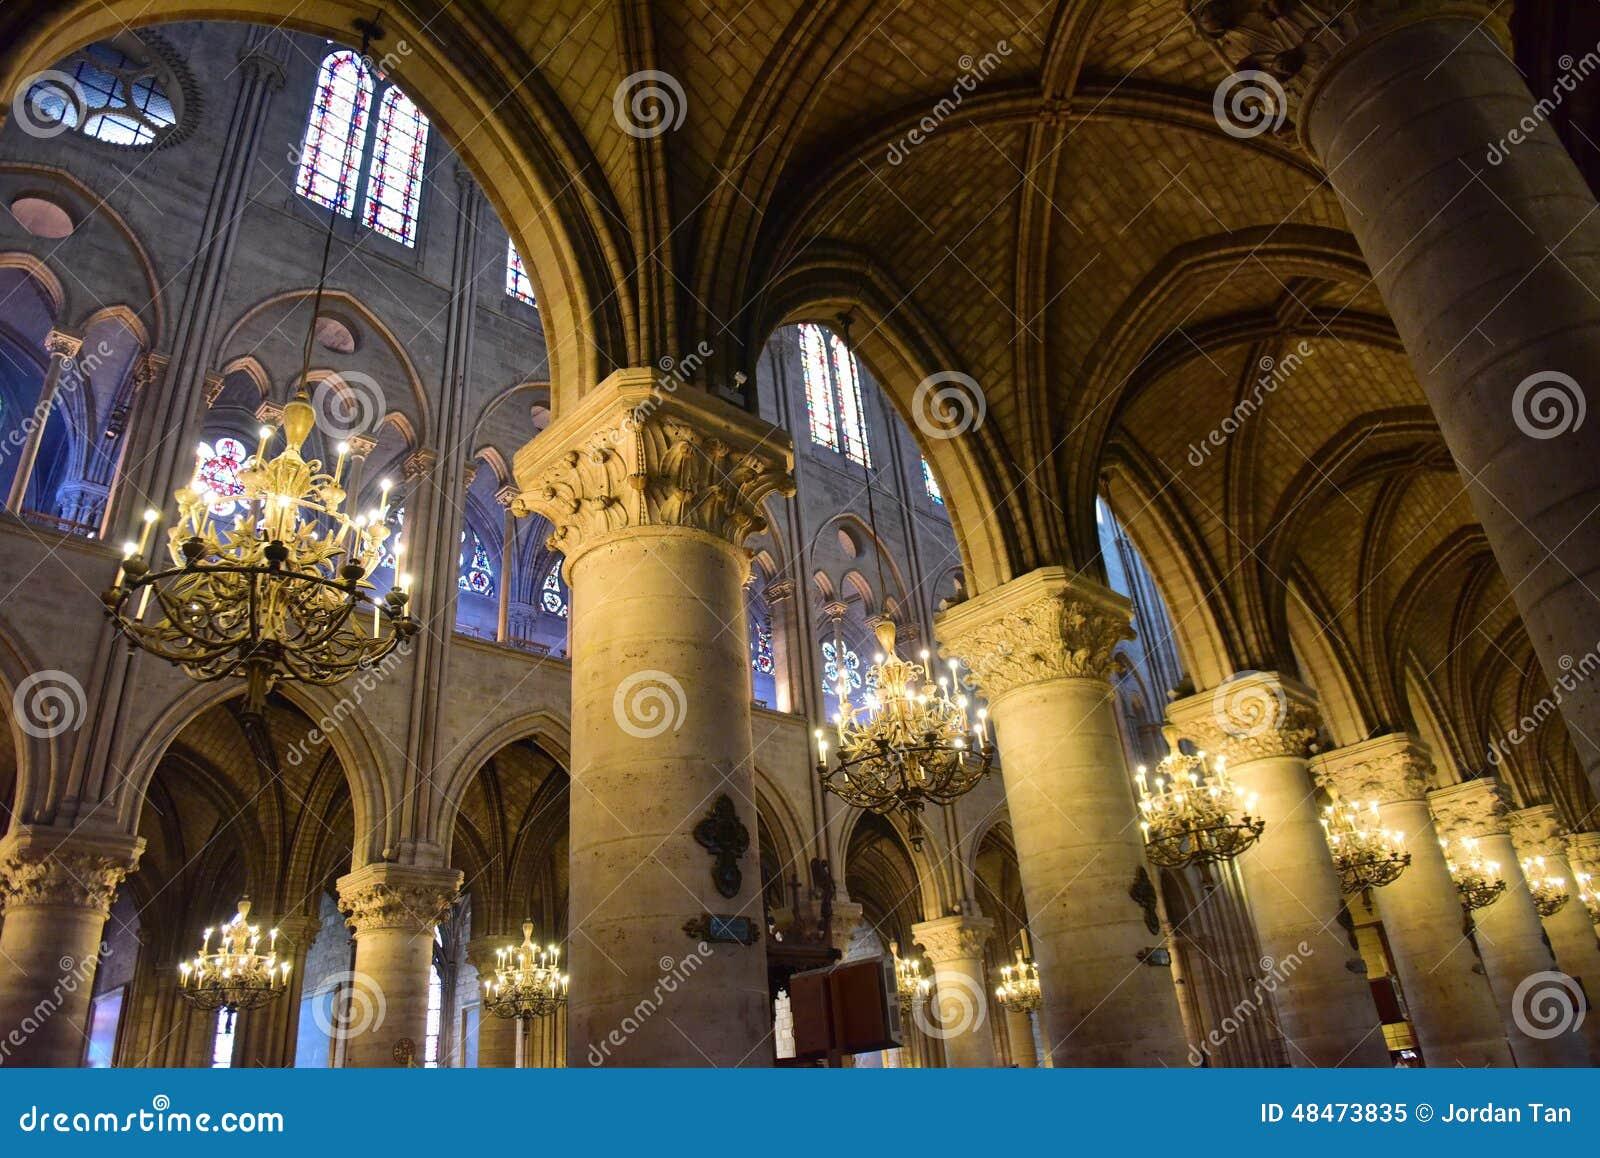 Majestic Interior Of The Famous Notre Dame De Paris ...